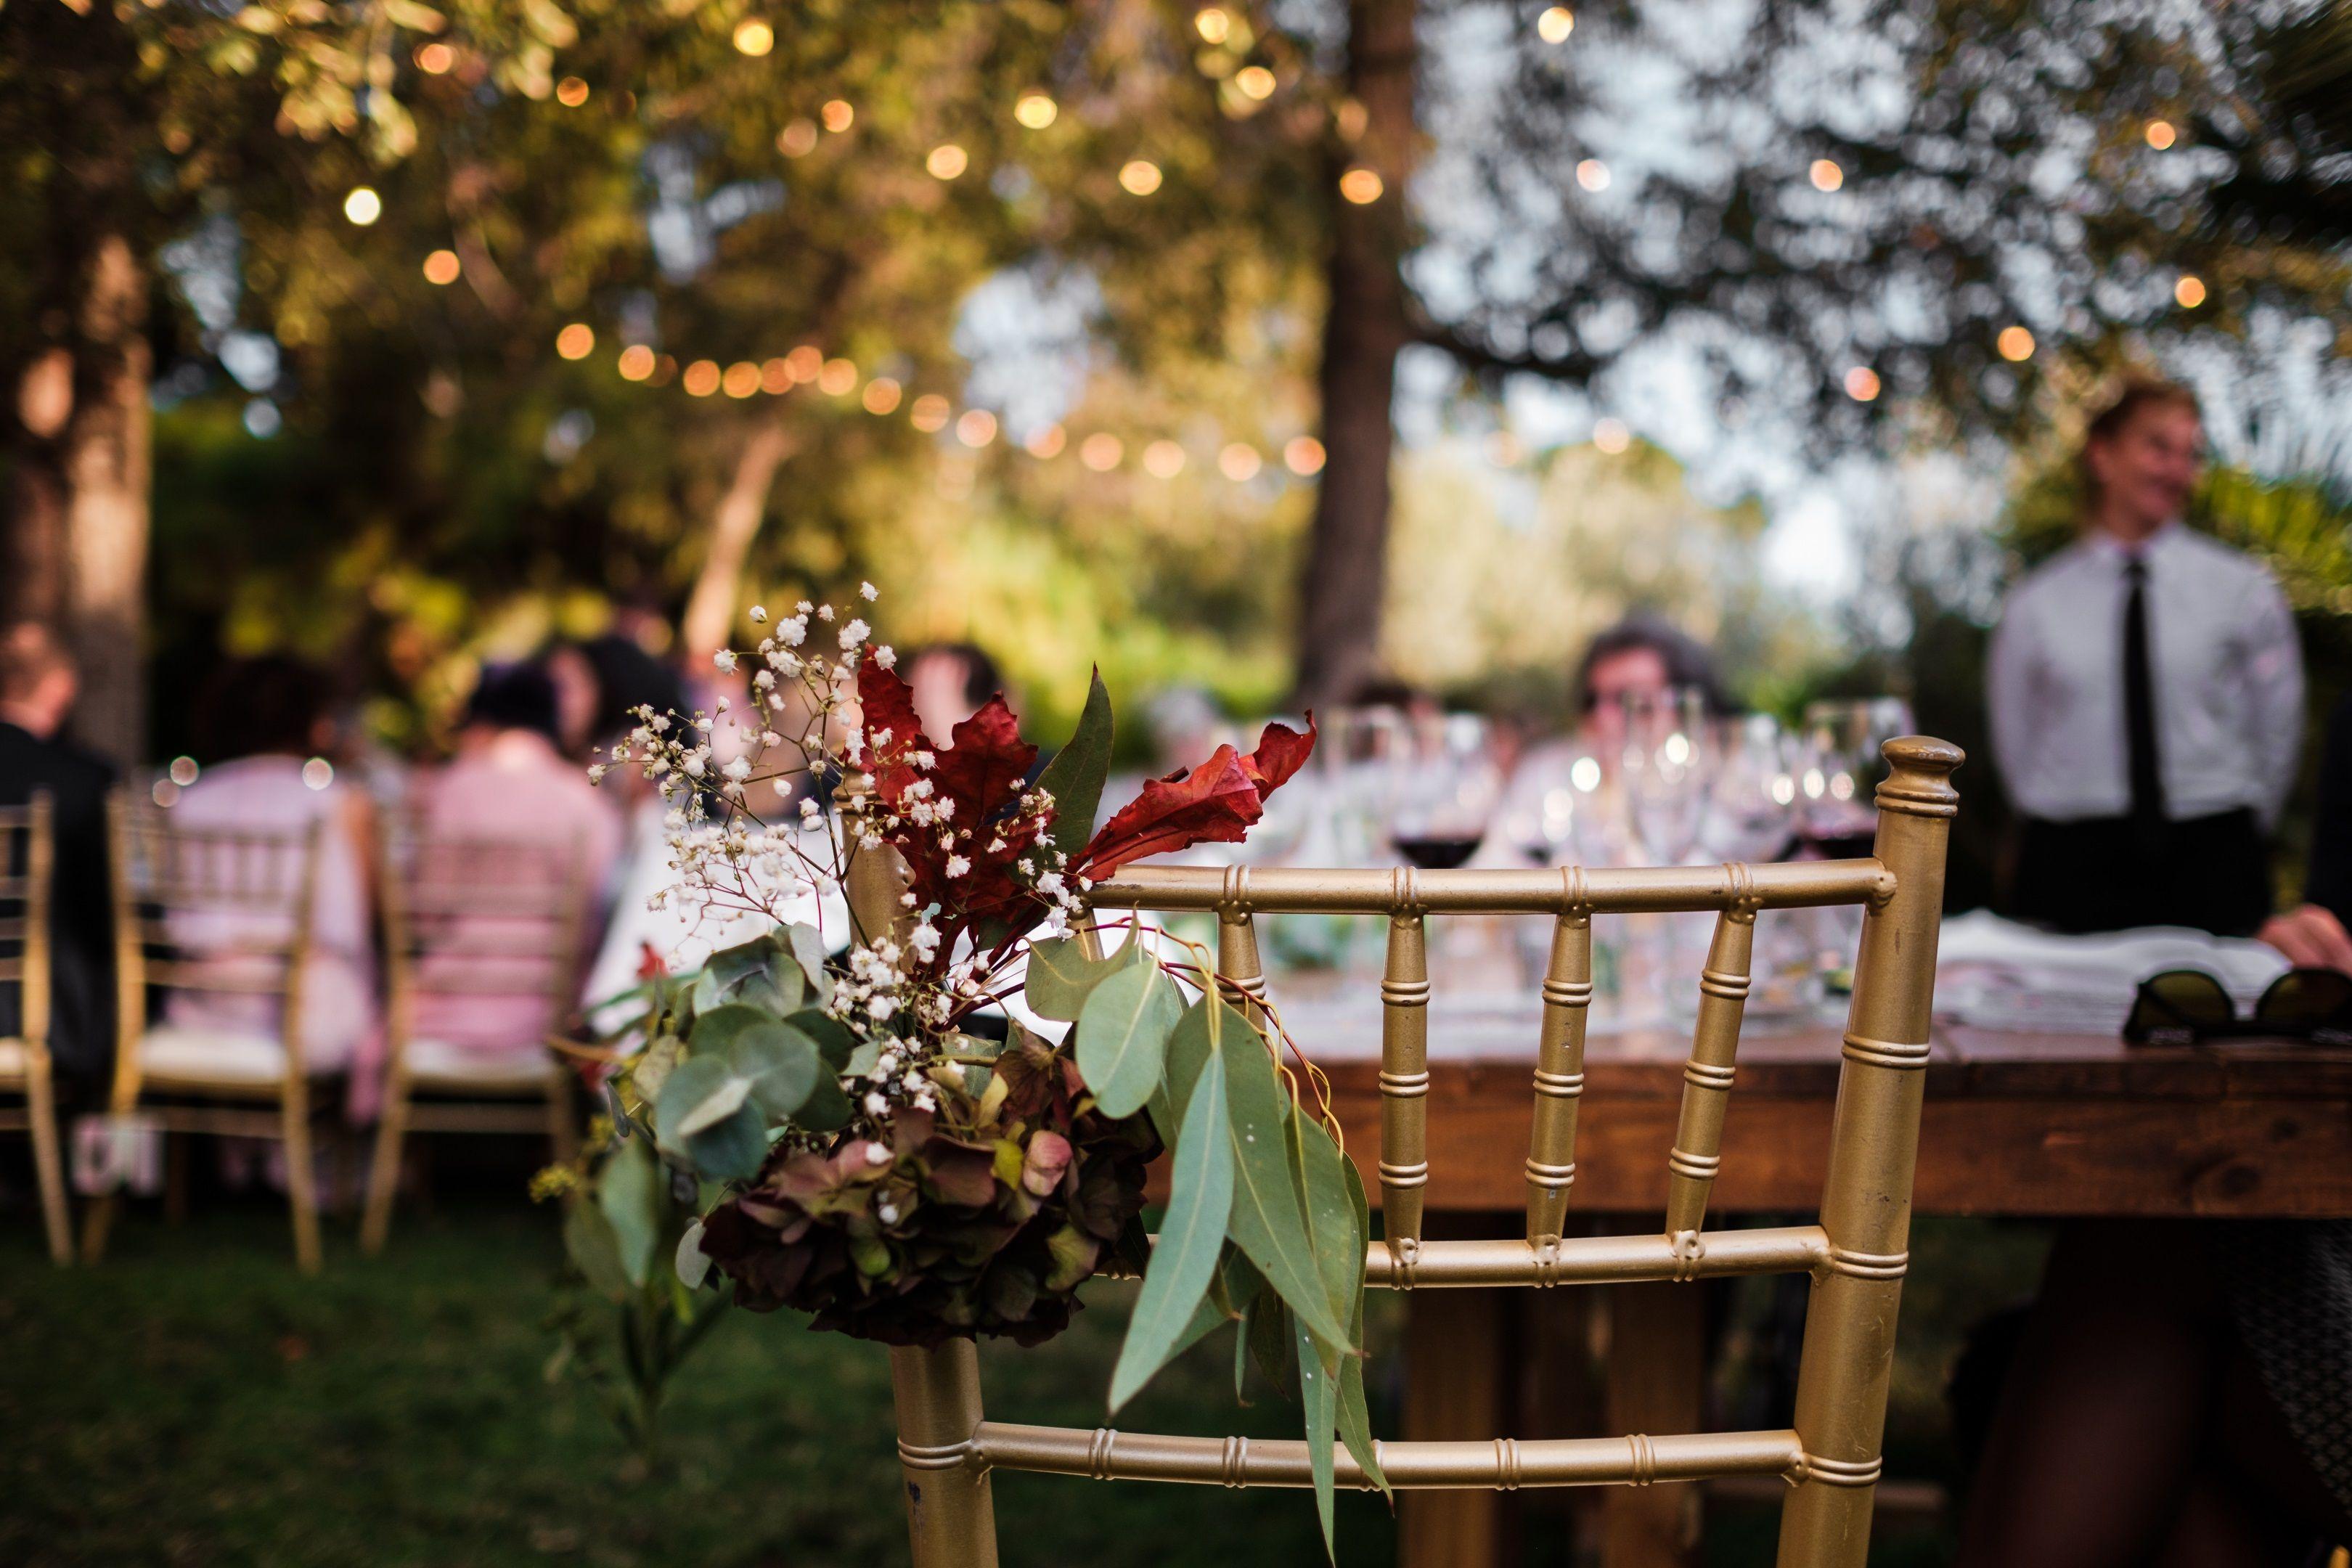 8a1ce19b Bodas de Otoño. Decoración de bodas en fincas. Wedding Planner en Murcia,  bodas